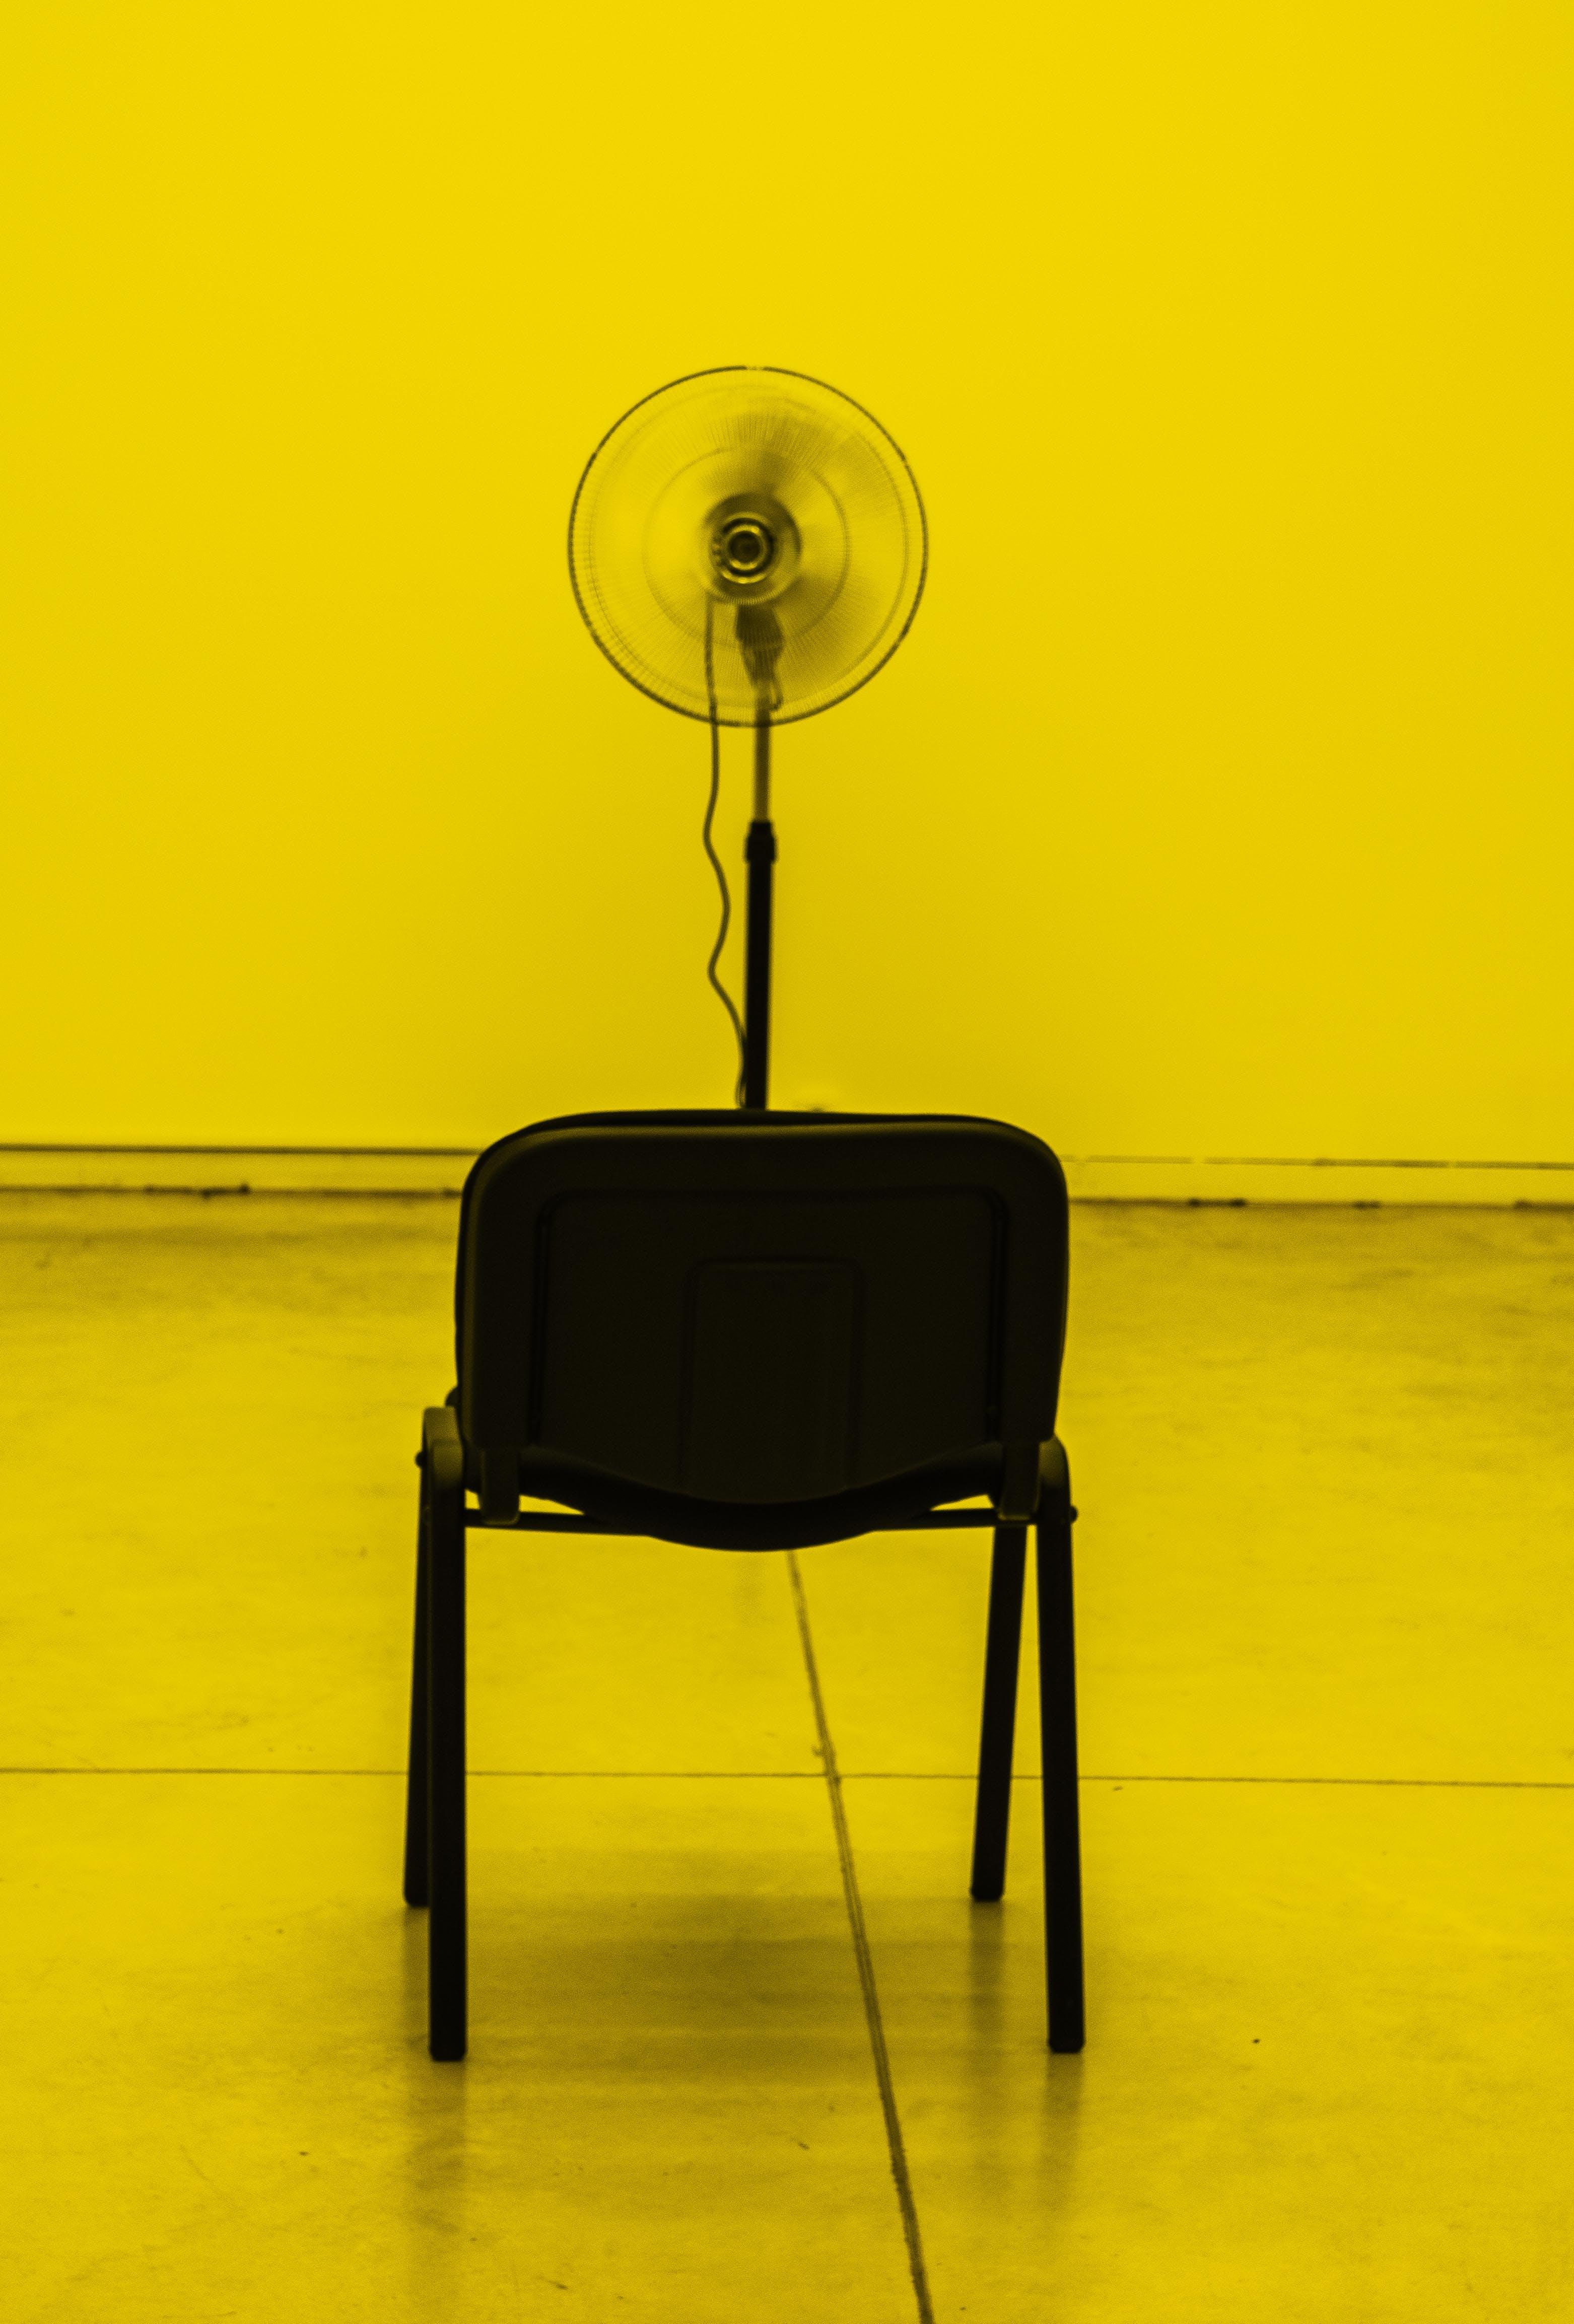 de andar, cadeira, cômodo, contemporâneo